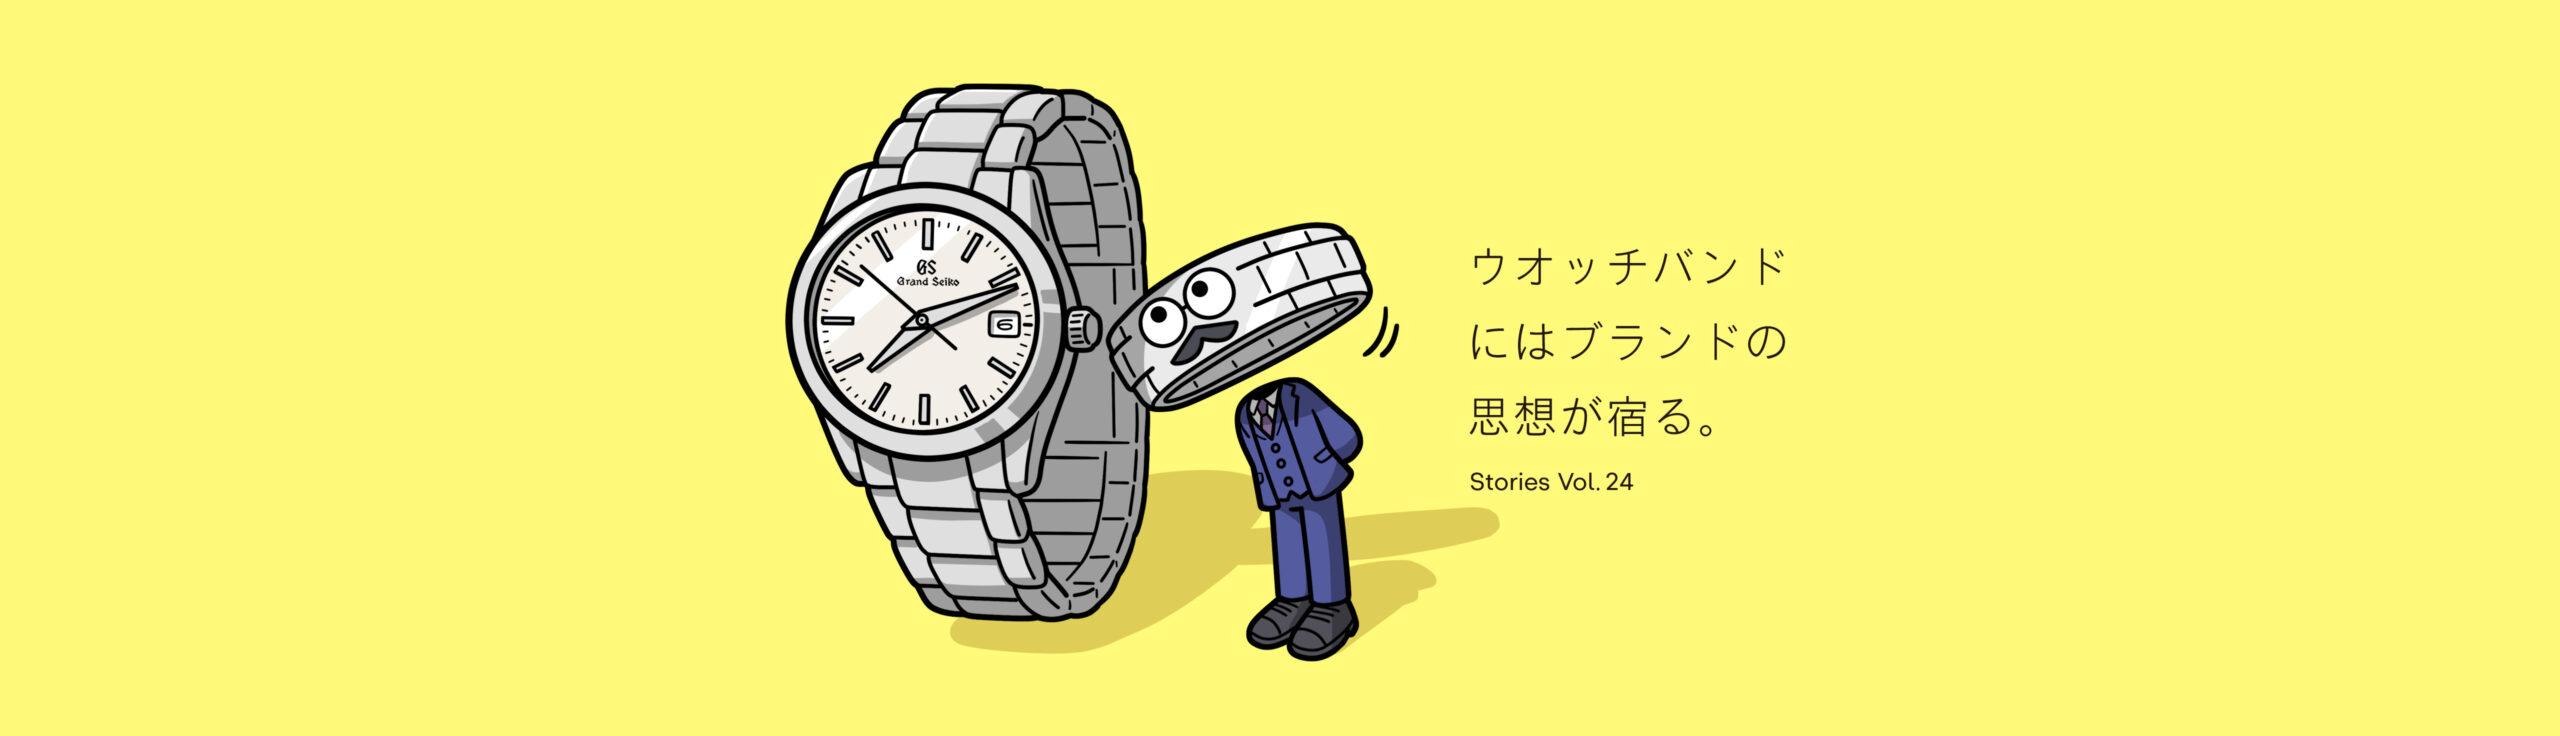 Vol.24 ウオッチバンドには ブランドの思想が宿る。